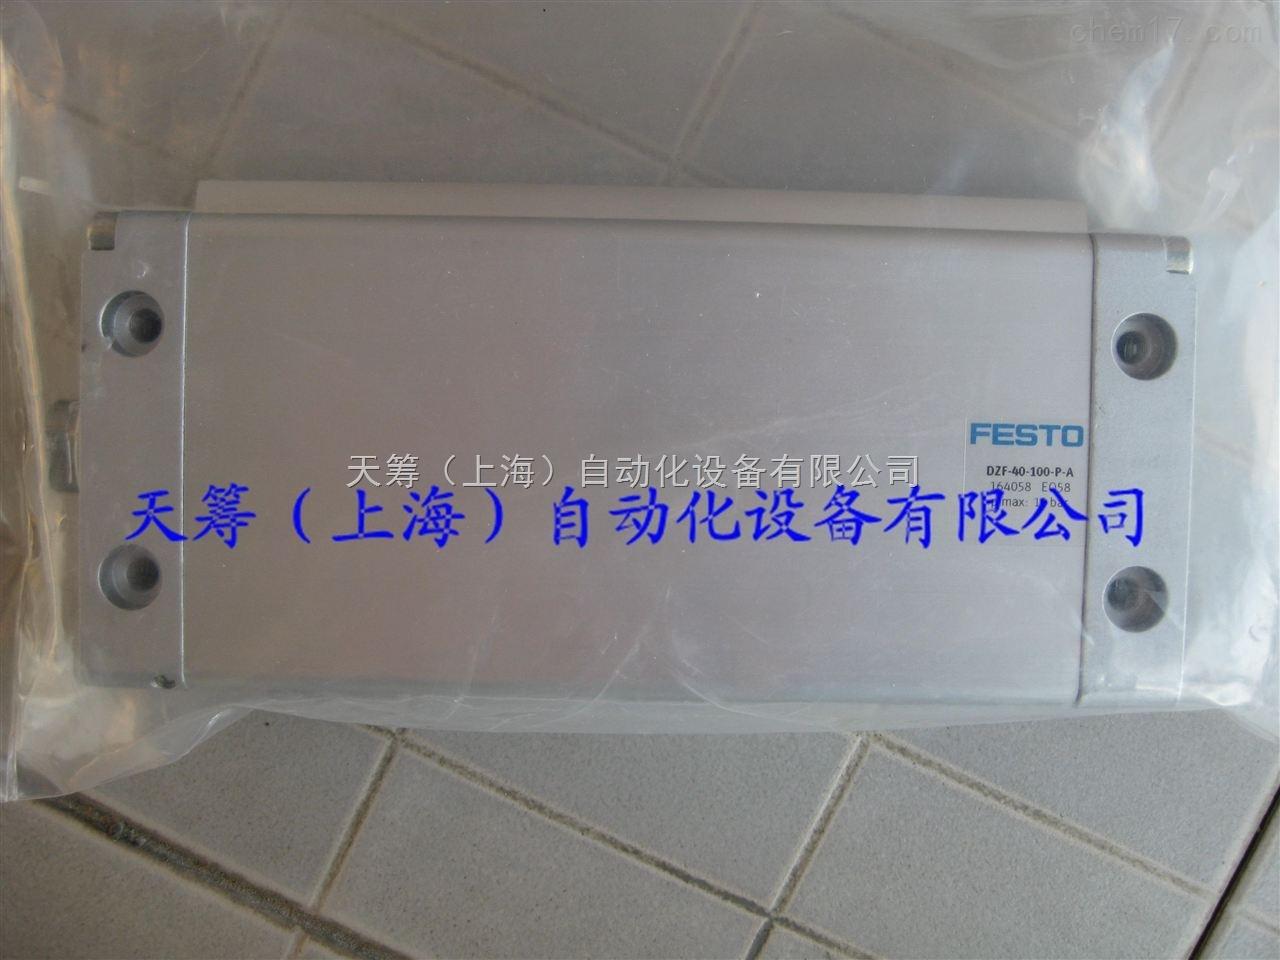 上海FESTO扁平型气缸DZF-40-100-P-A